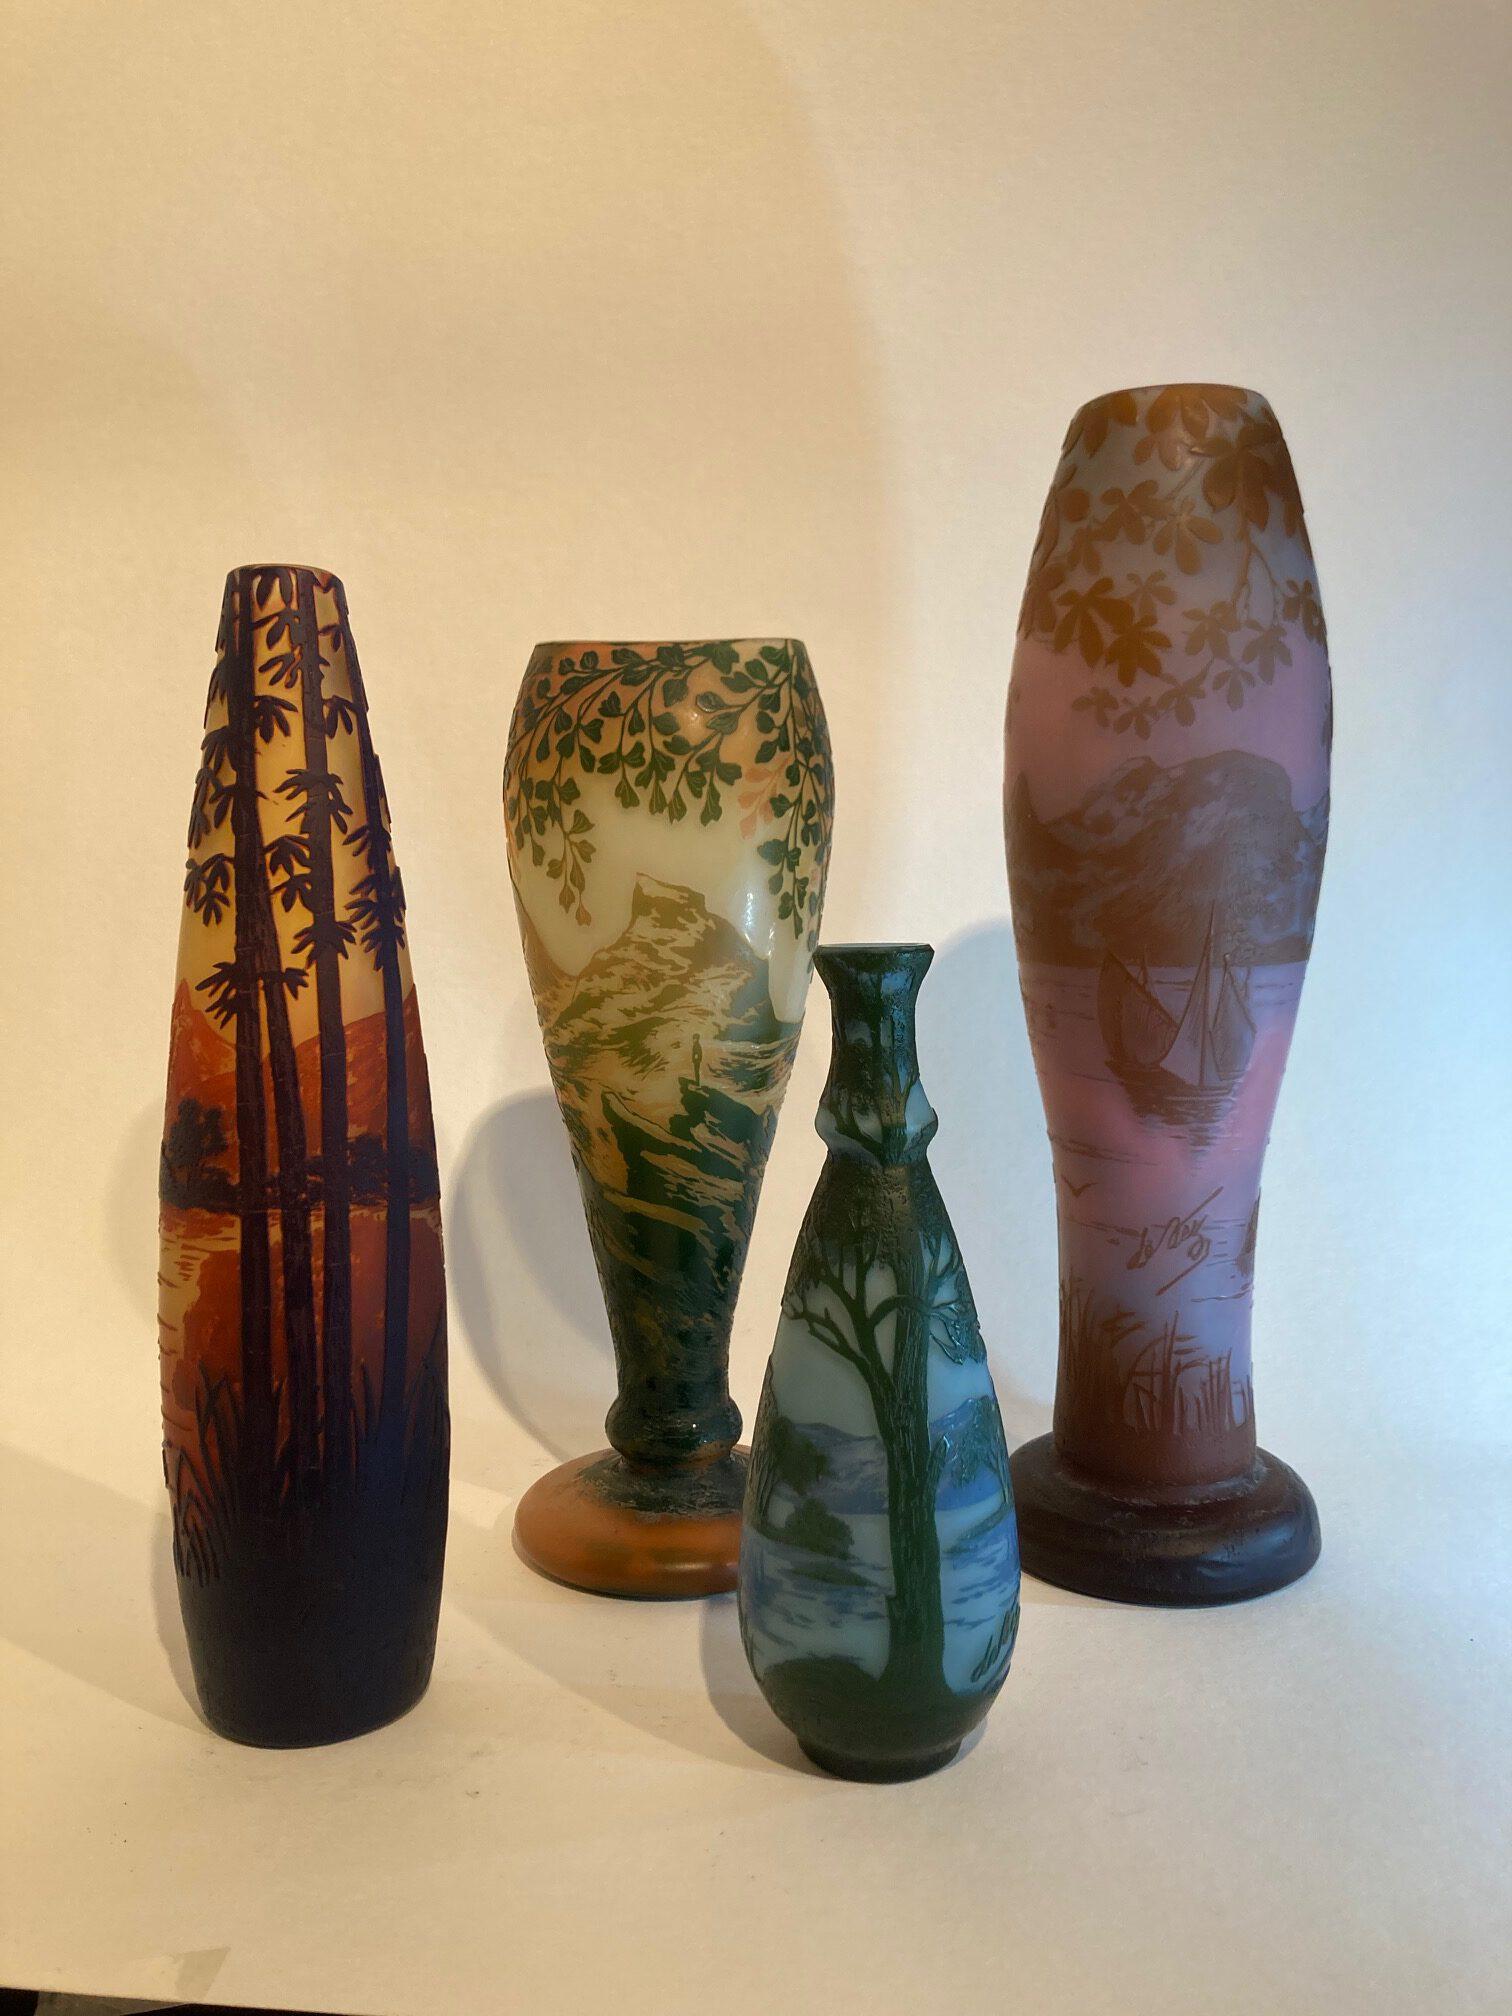 Vasen von Cristallerie de Pantin, um 1910